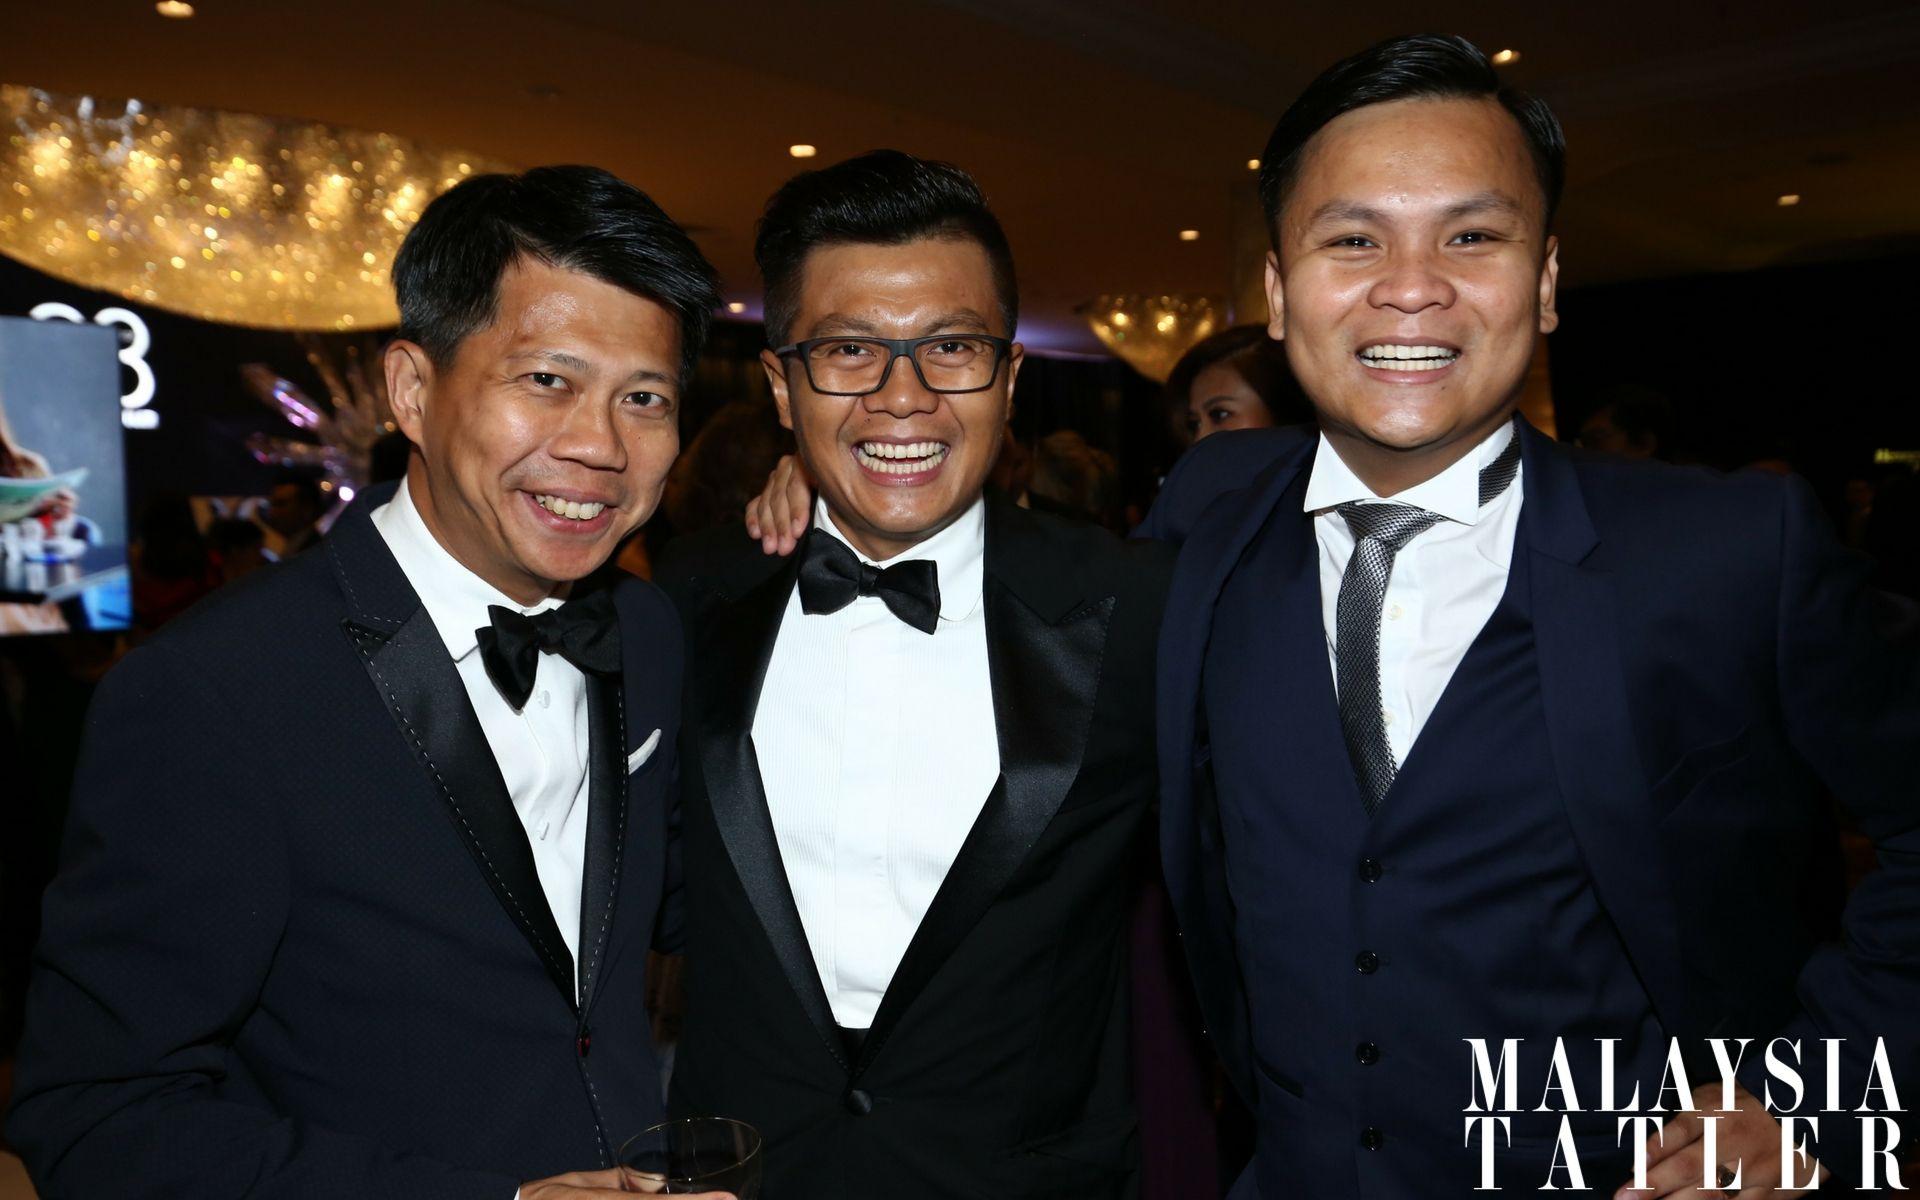 Dato' Michael Tang, Ewan Saufi Abas and Muhammad Rahmat Geneid